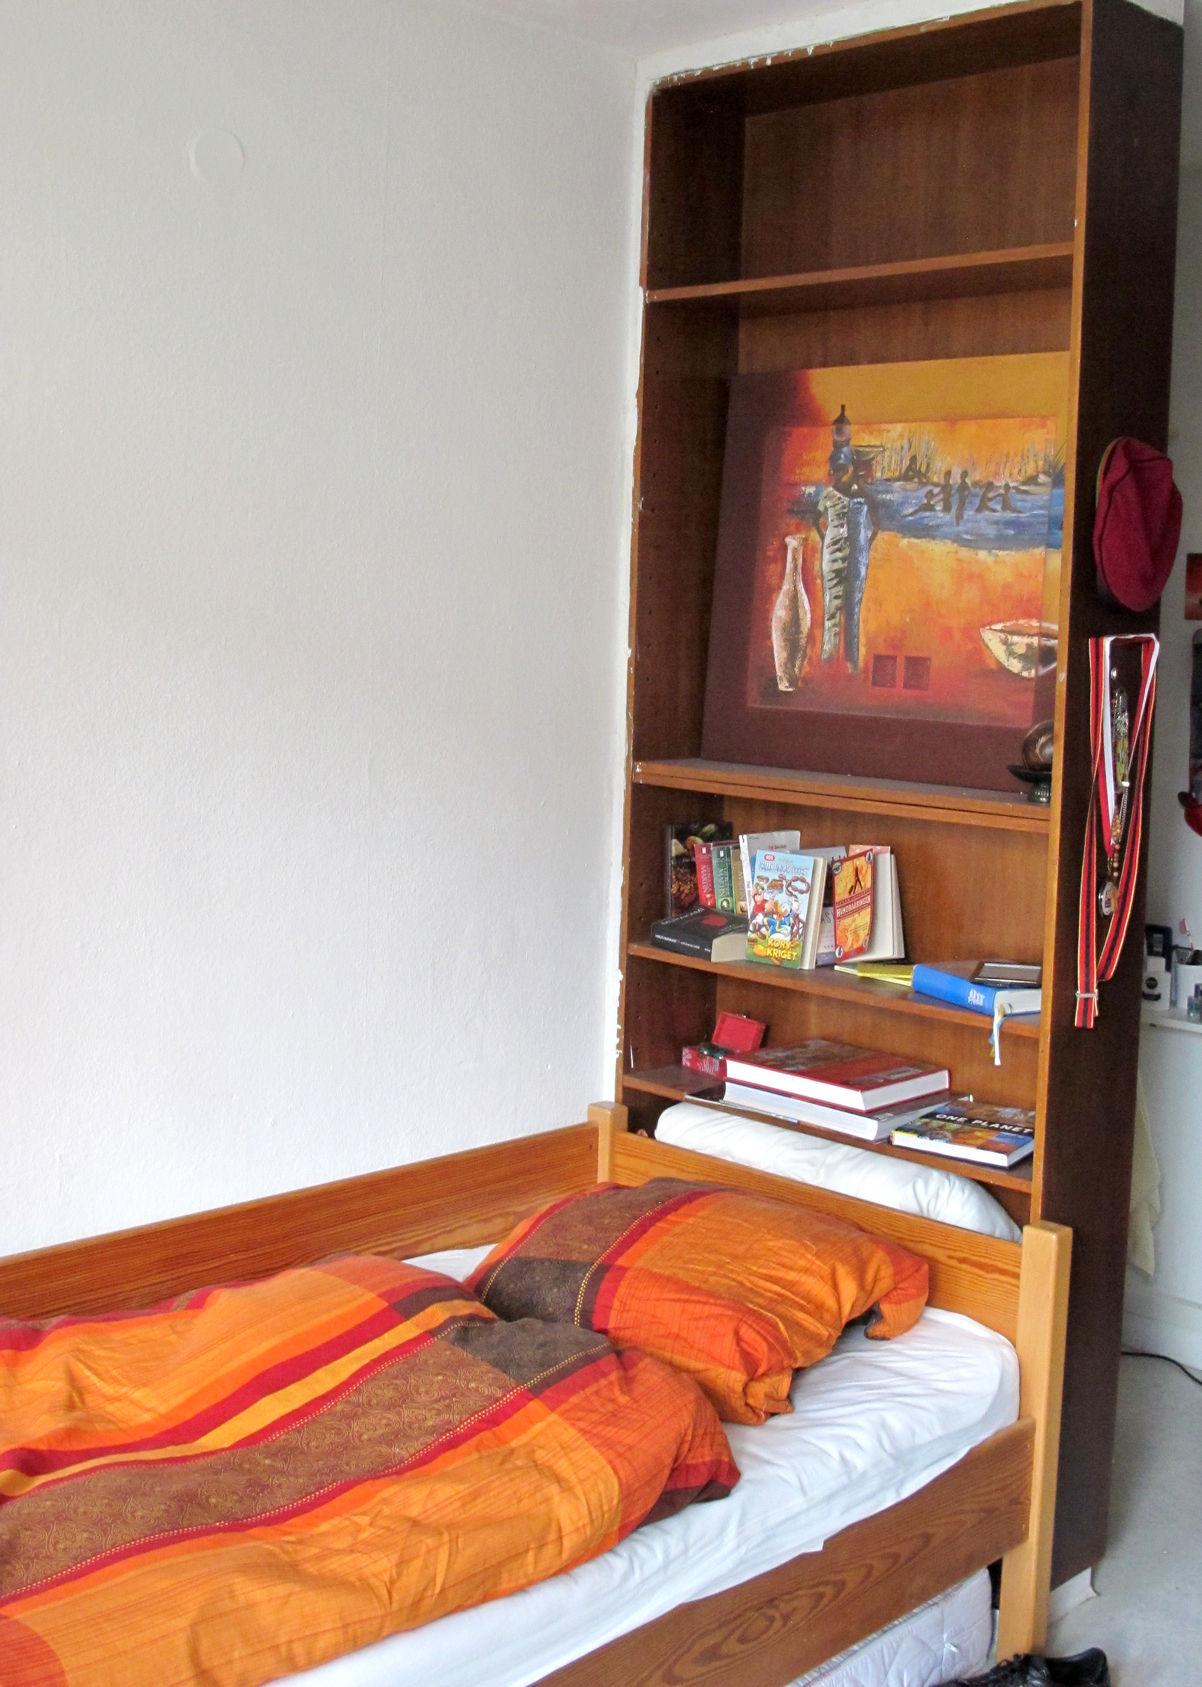 Zimmer Bett Deutsche Burse Wohnheim Schwabing